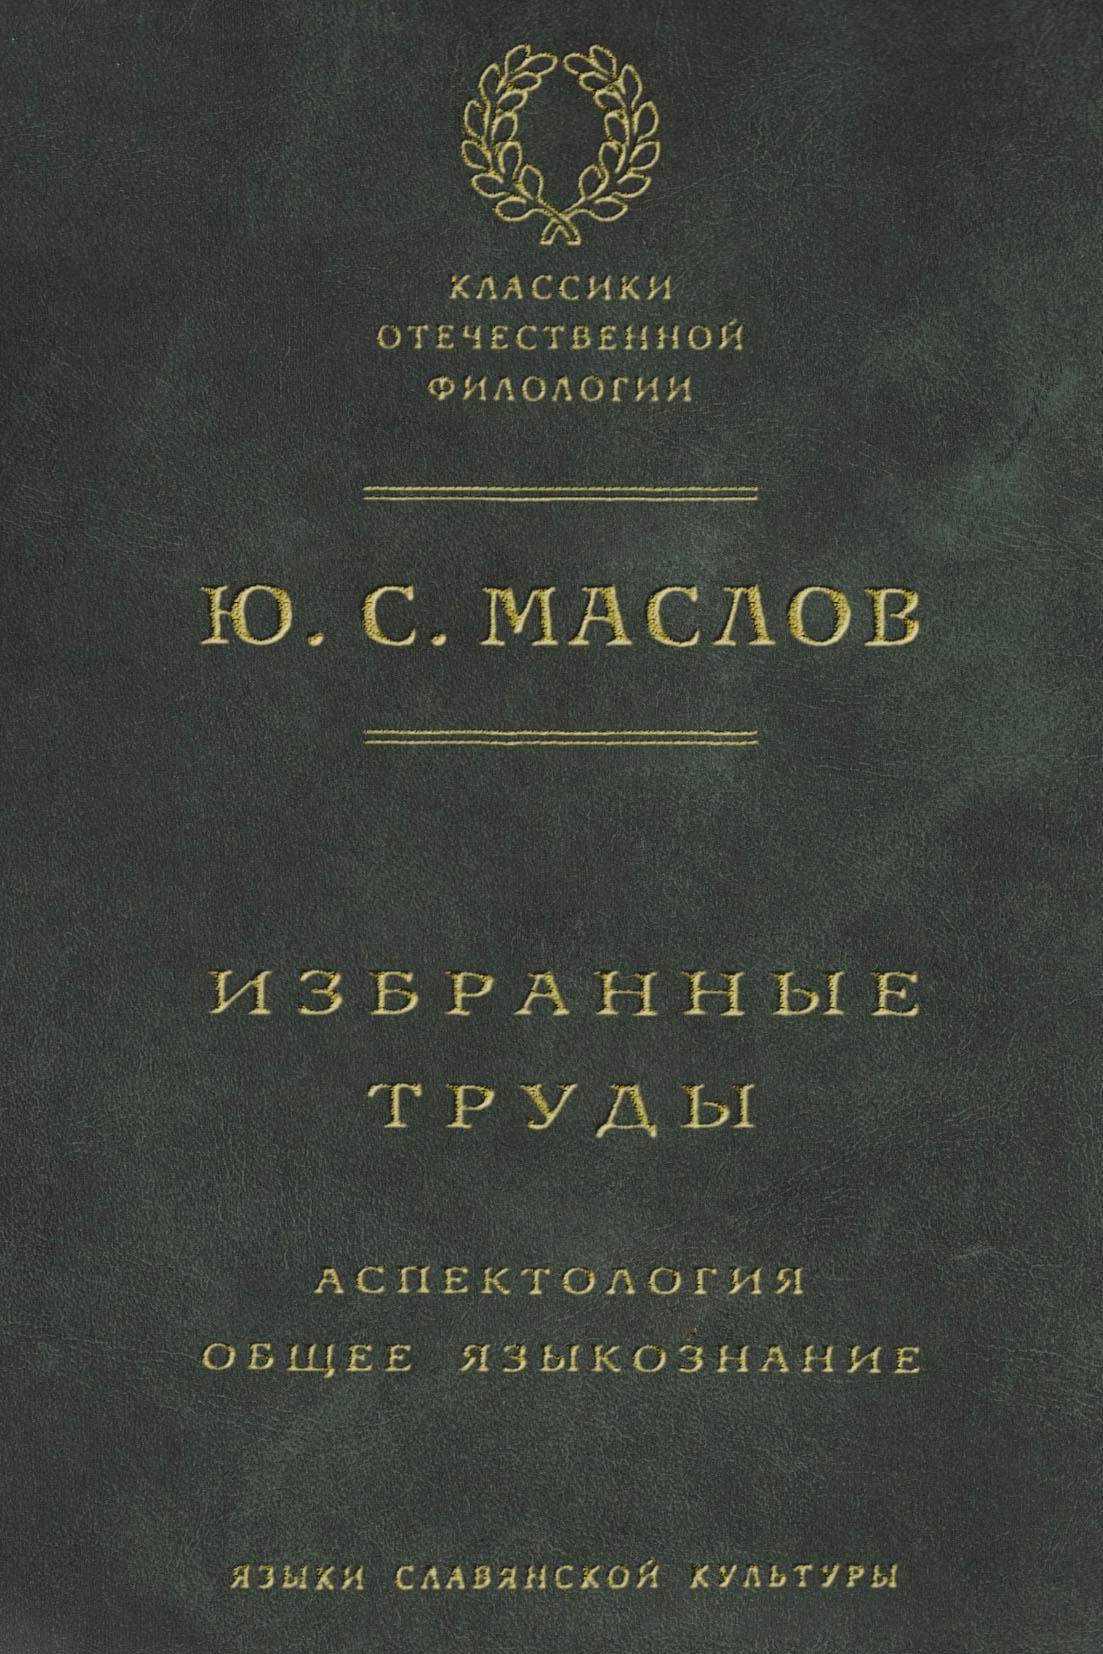 Ю. С. Маслов Избранные труды. Аспектология. Общее языкознание